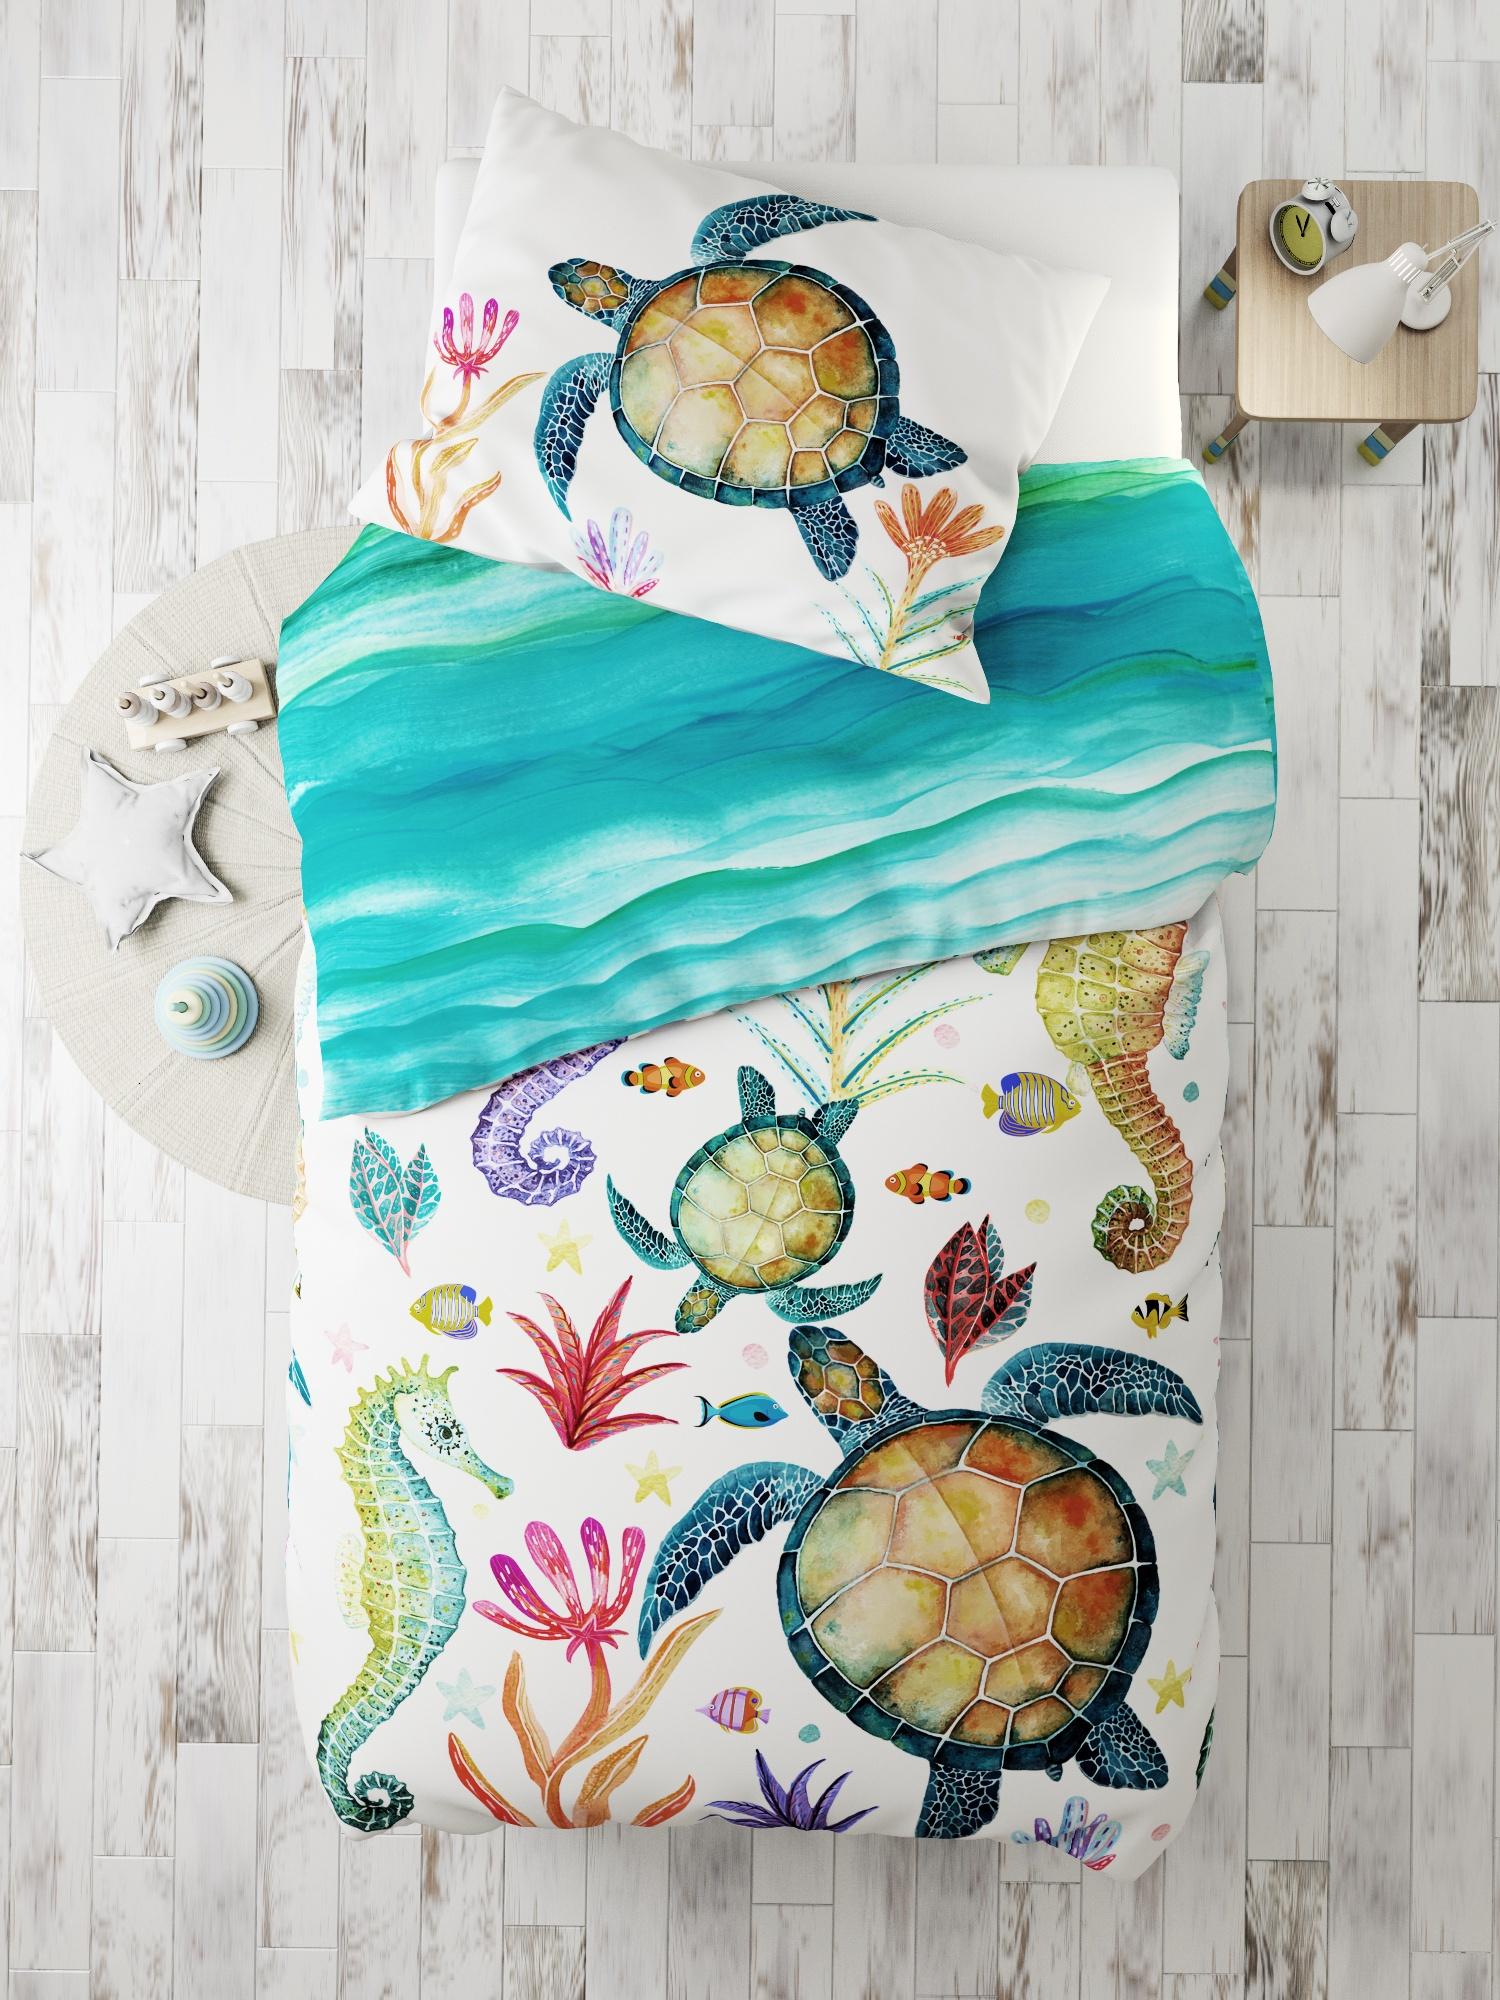 Комплект в кроватку Marengotextile Морские жители, белый, бирюзовый